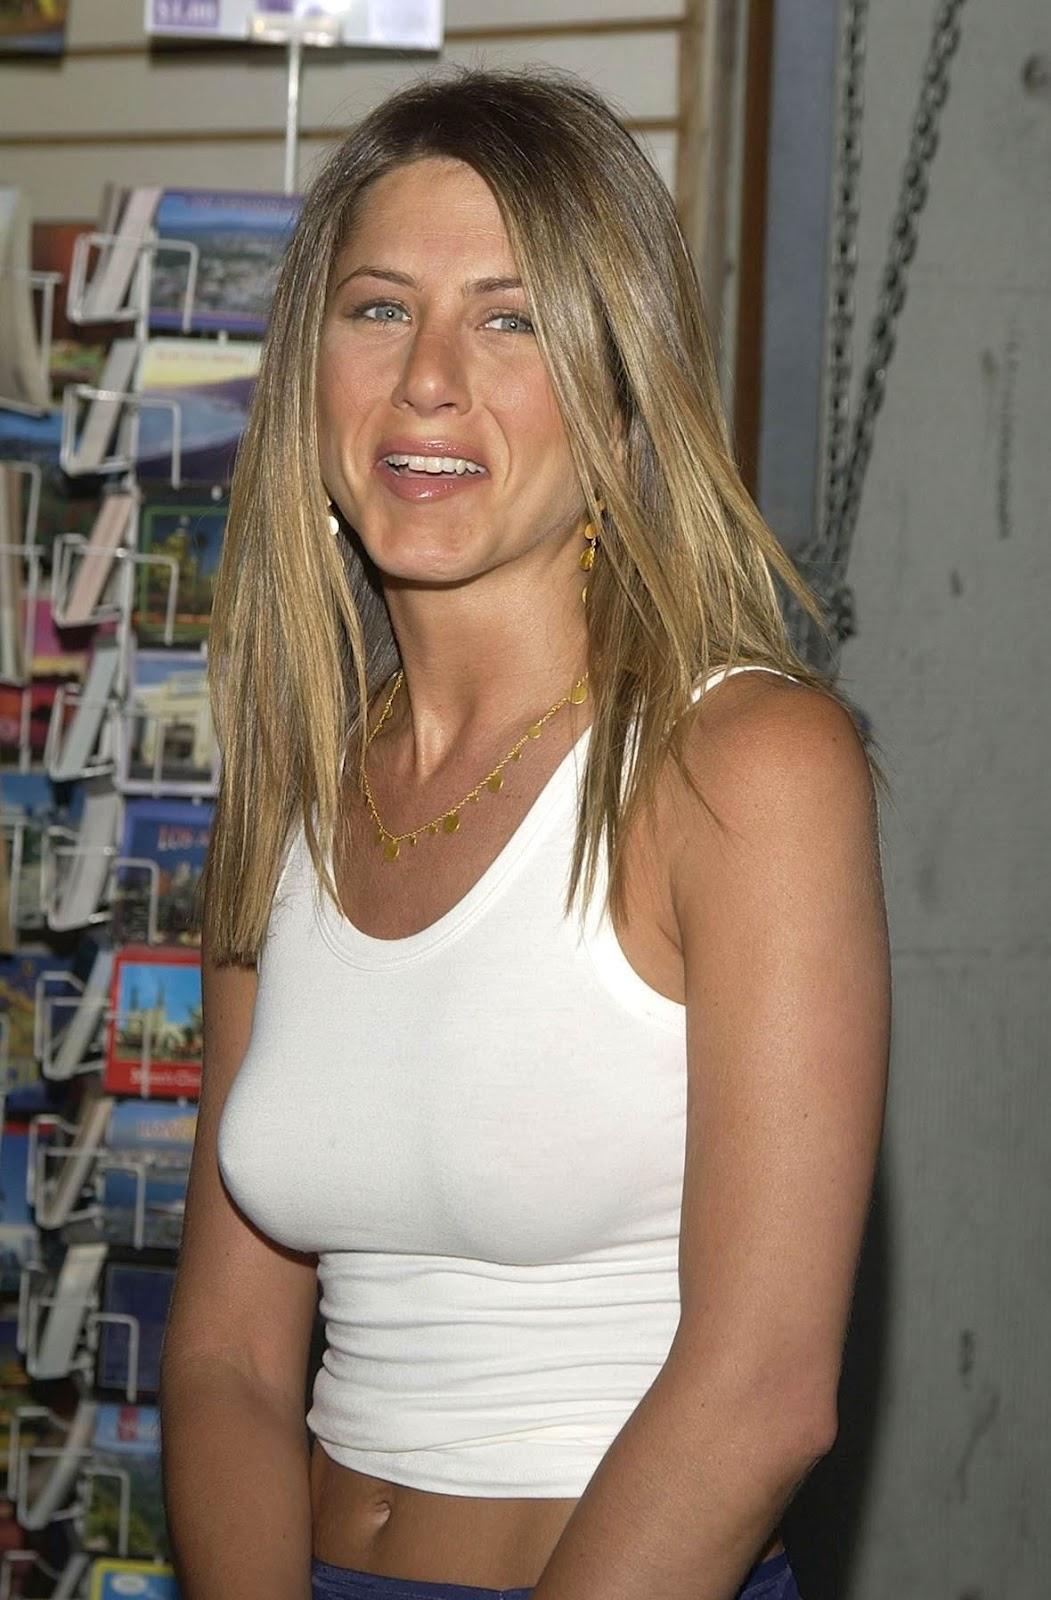 Actriz Porno Aniston showing xxx images for jenny heart porn xxx | www.pornsink